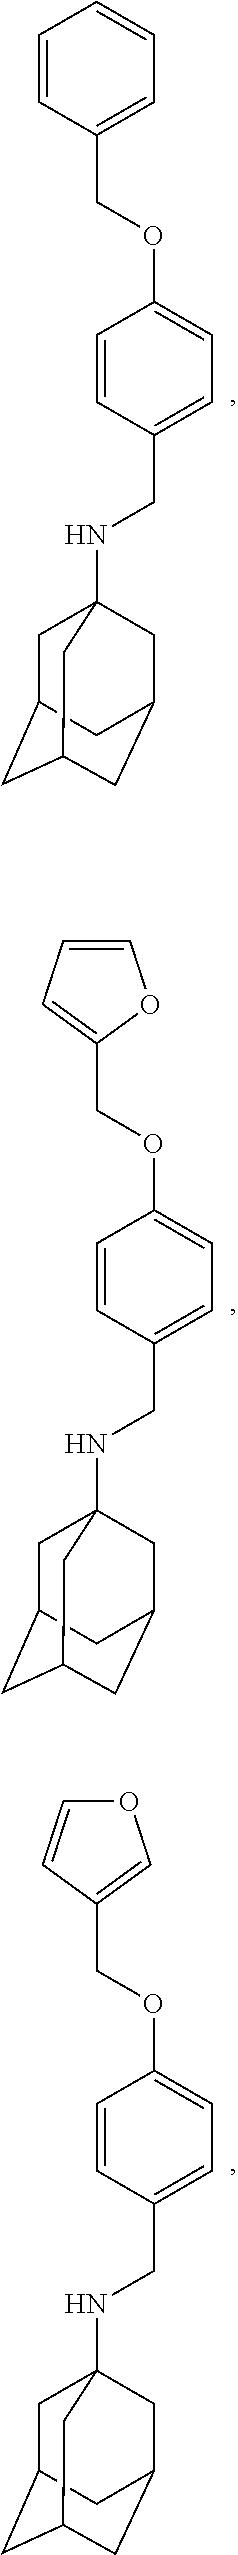 Figure US09884832-20180206-C00132